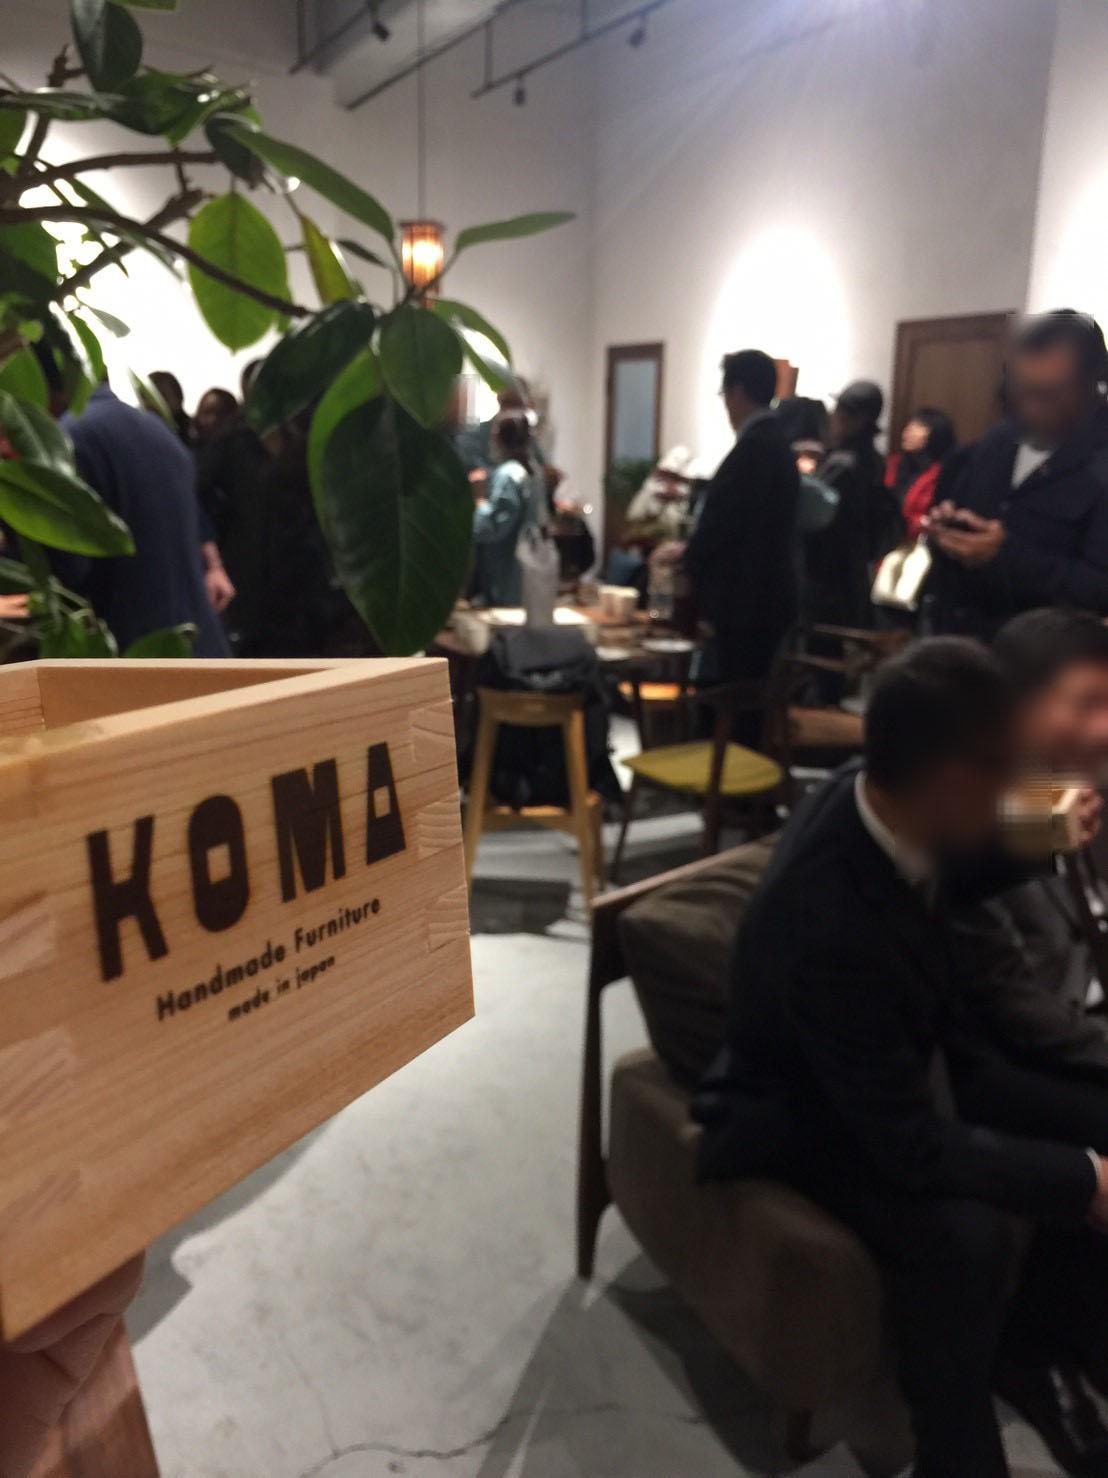 KOMA 家具店舗 手作り升